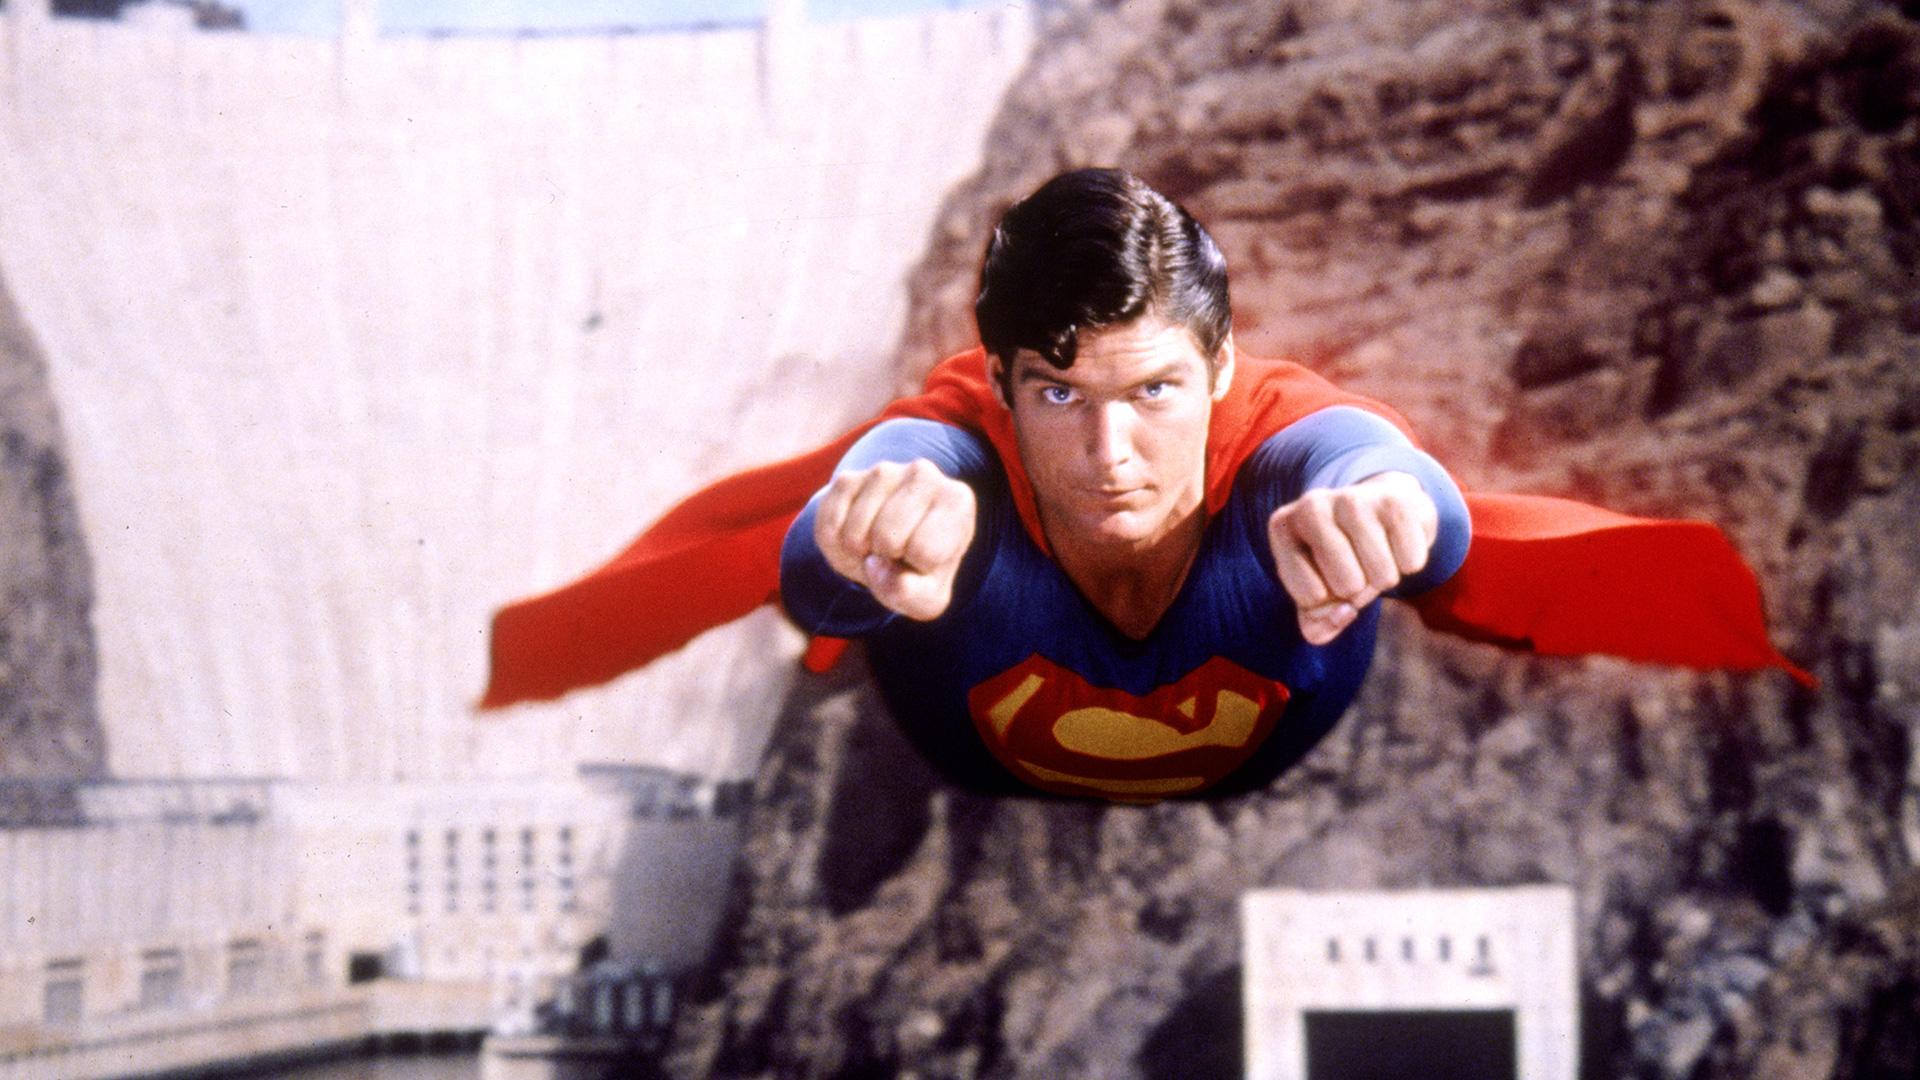 スーパーマン<二か国語>